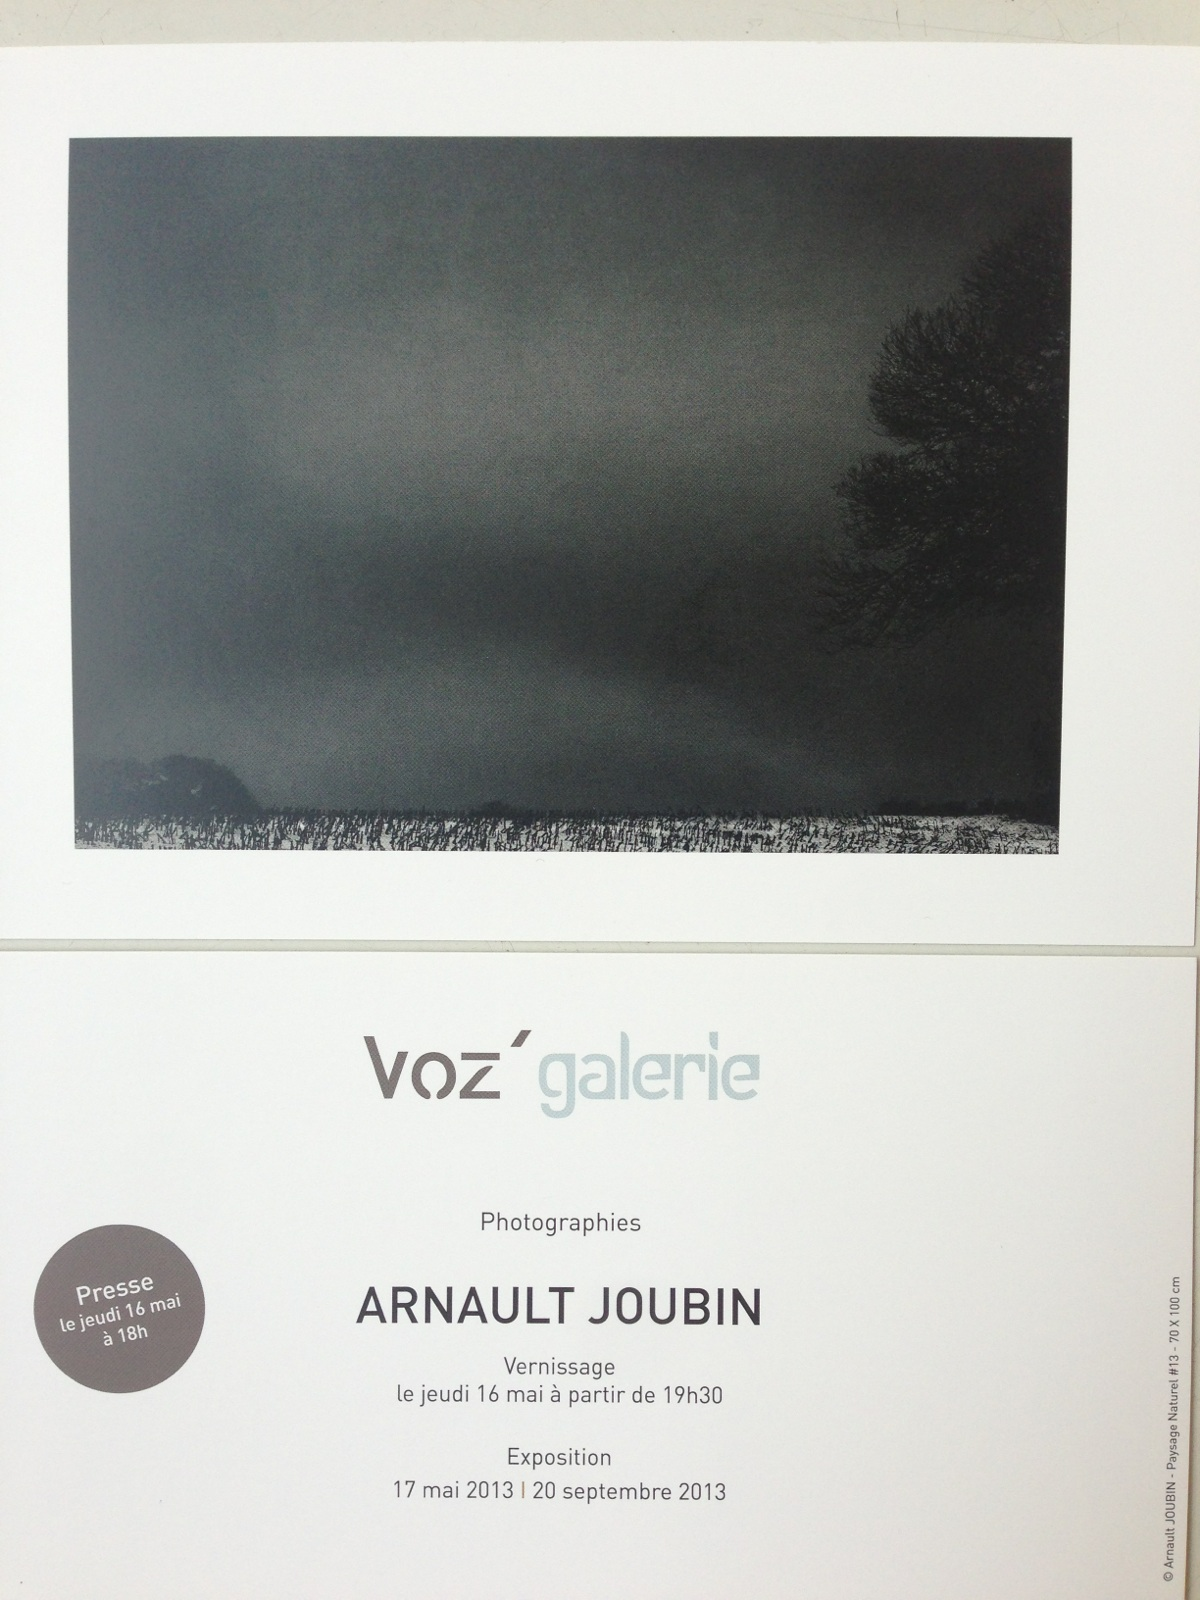 VOZ' GALERIE